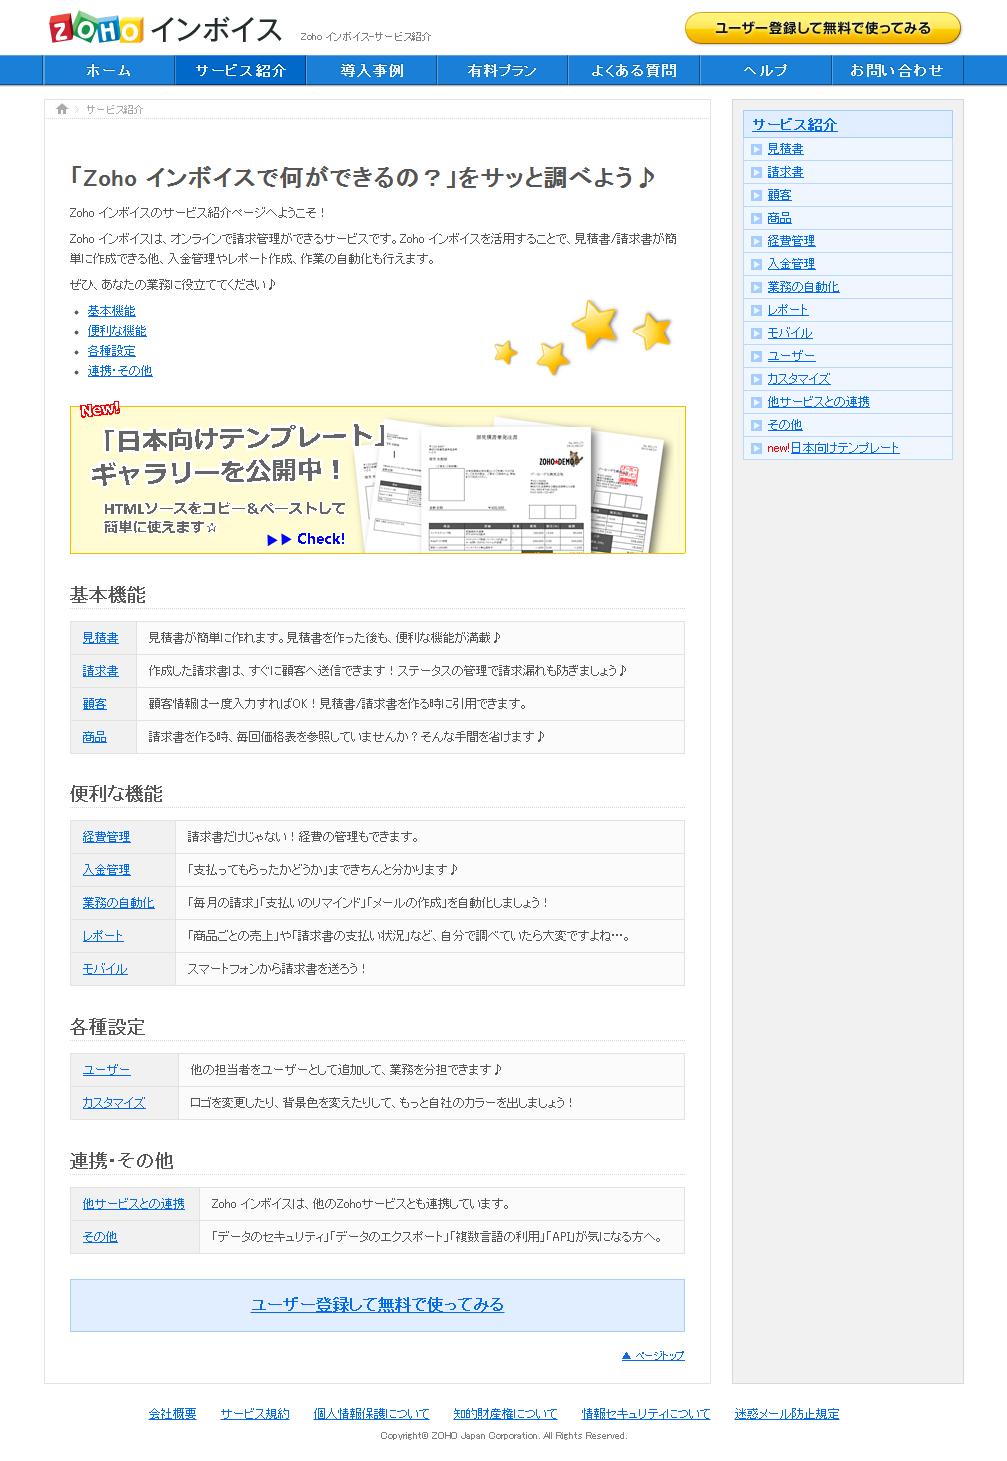 1 Zoho インボイス サービス紹介 |Zoho インボイス